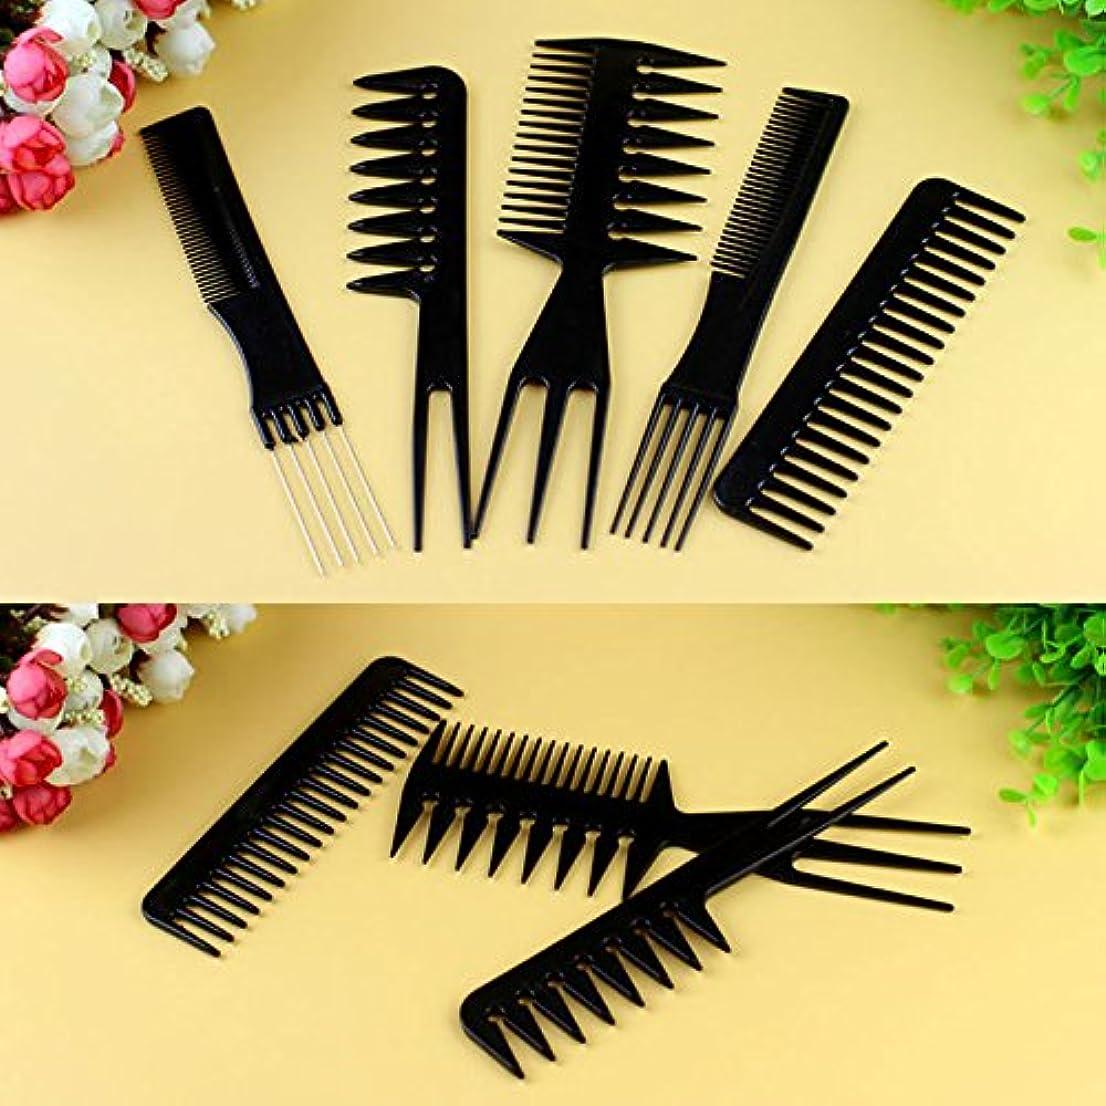 どちらかゴールド不道徳MSmask 10個入りブラックプロサロン ヘアスタイリング理髪 プラスチック理髪店 ブラシコムズセット